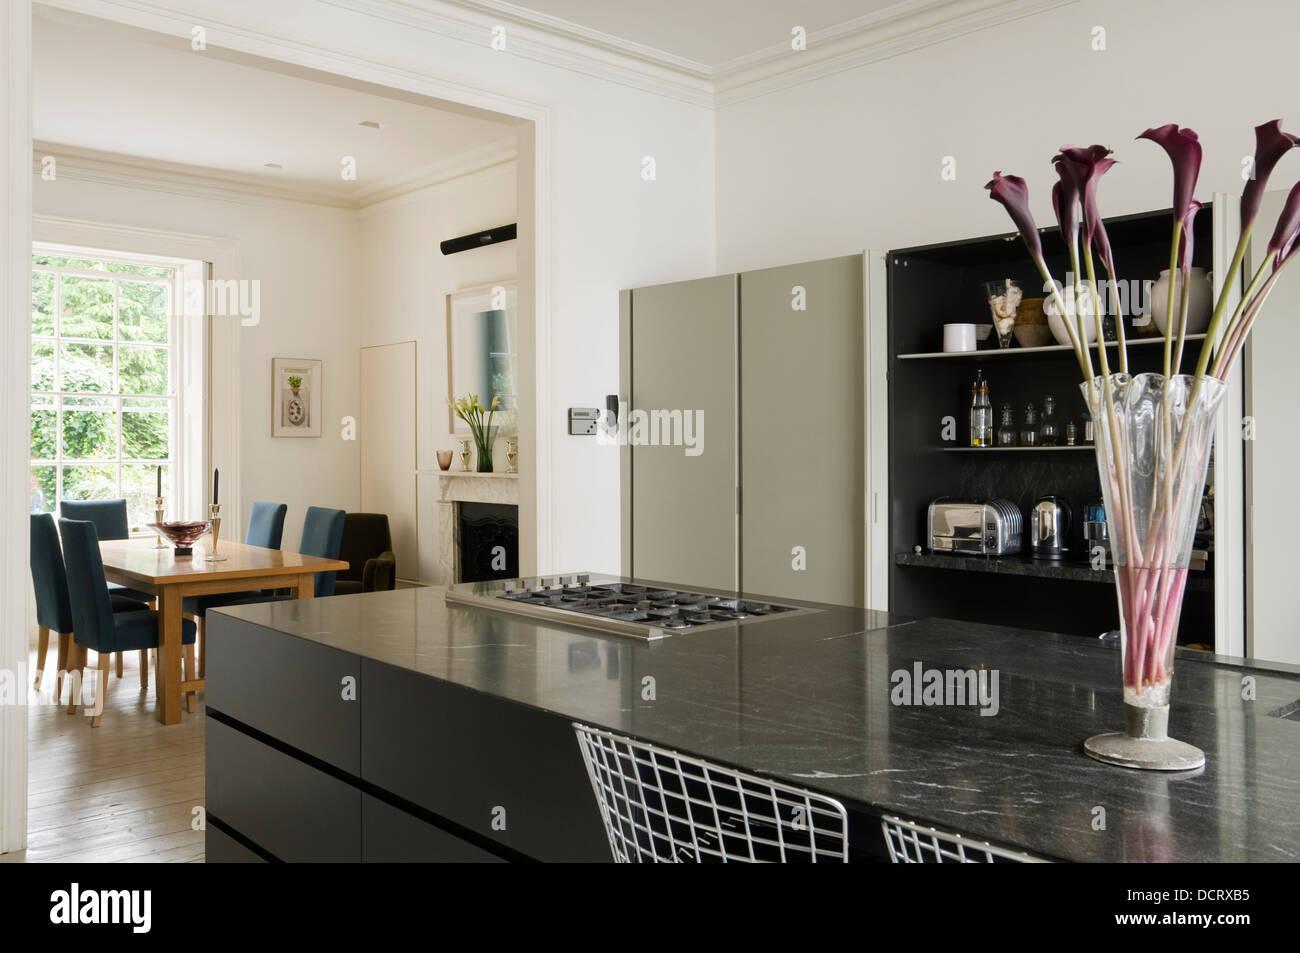 Minotti Küche mit optimierten Schränke und Granit-Insel mit ...